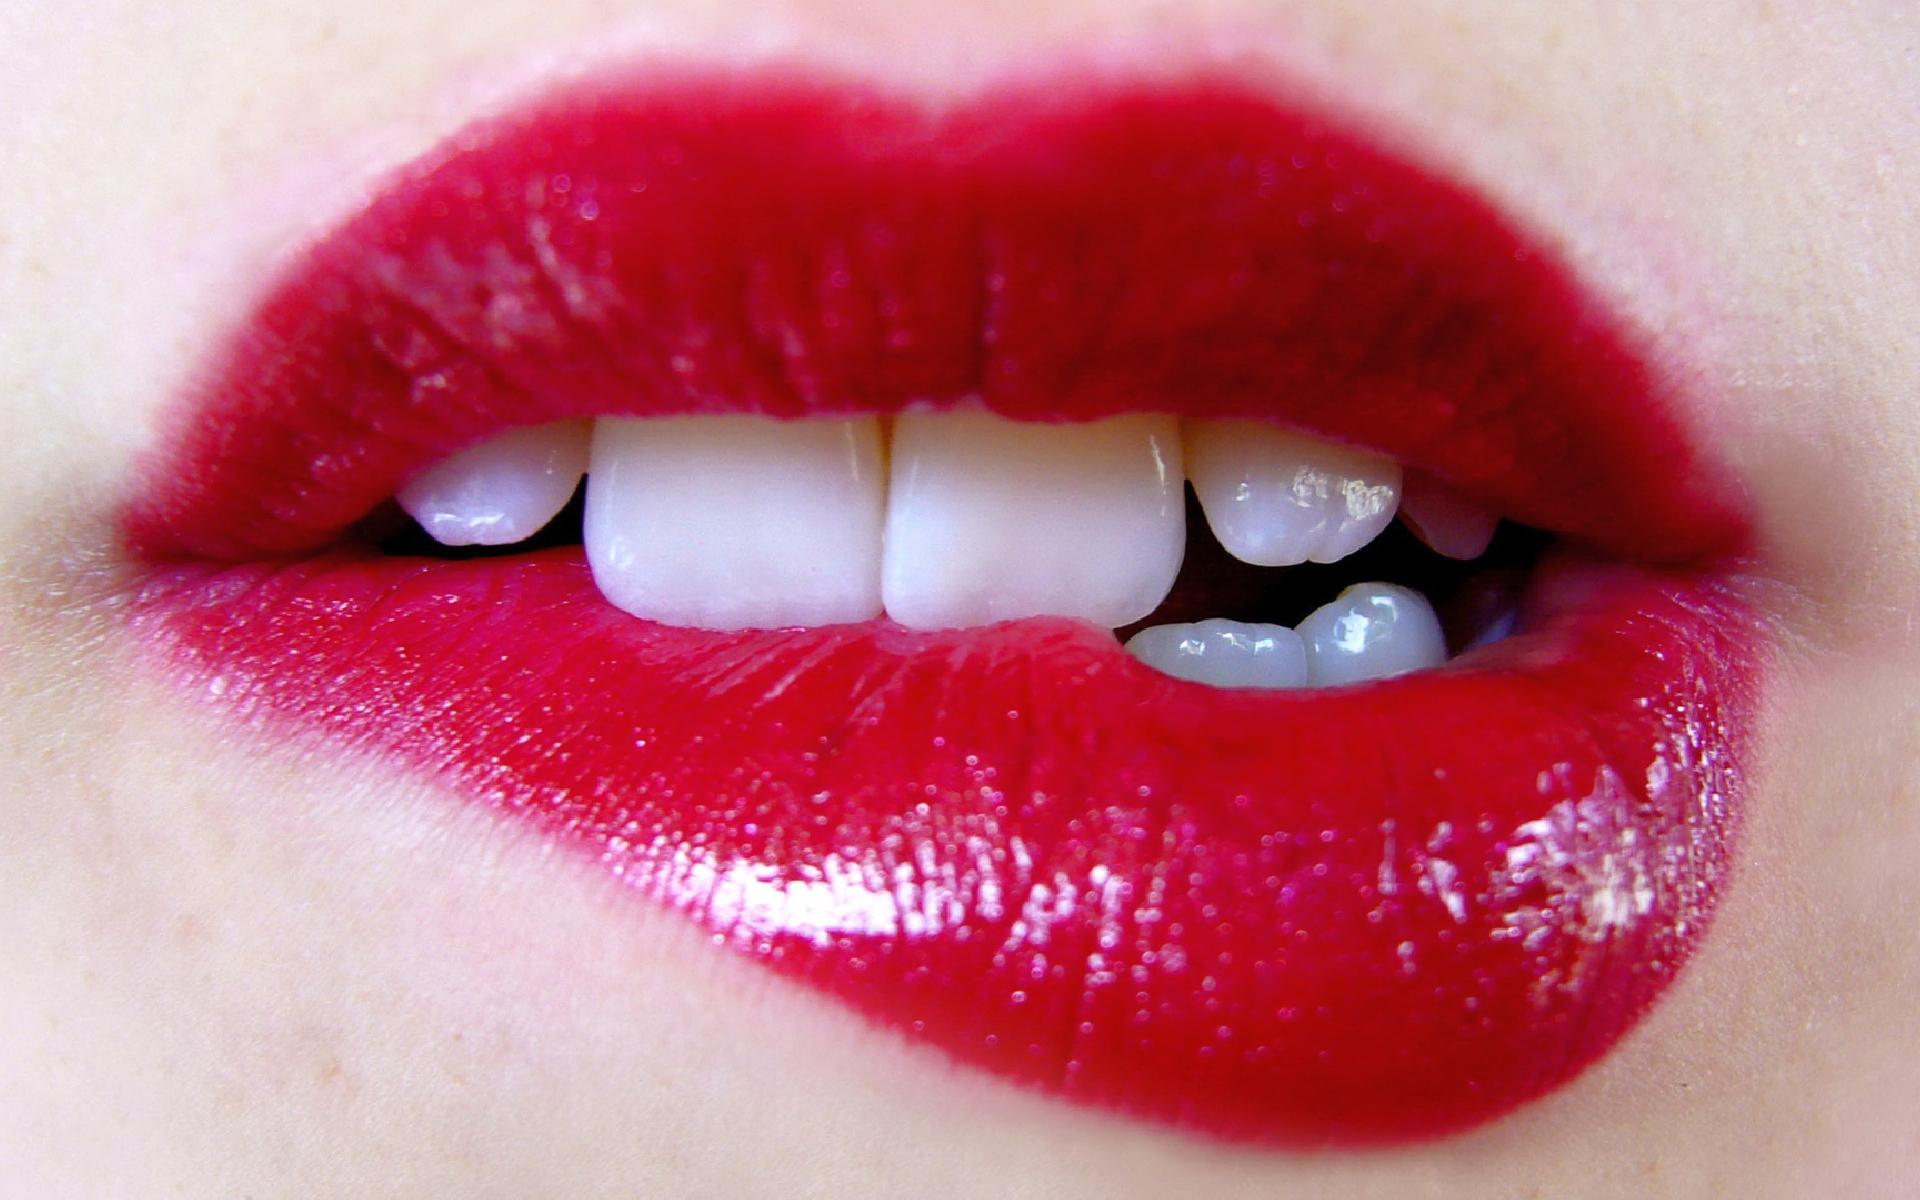 Удаление биополимерного геля из губ